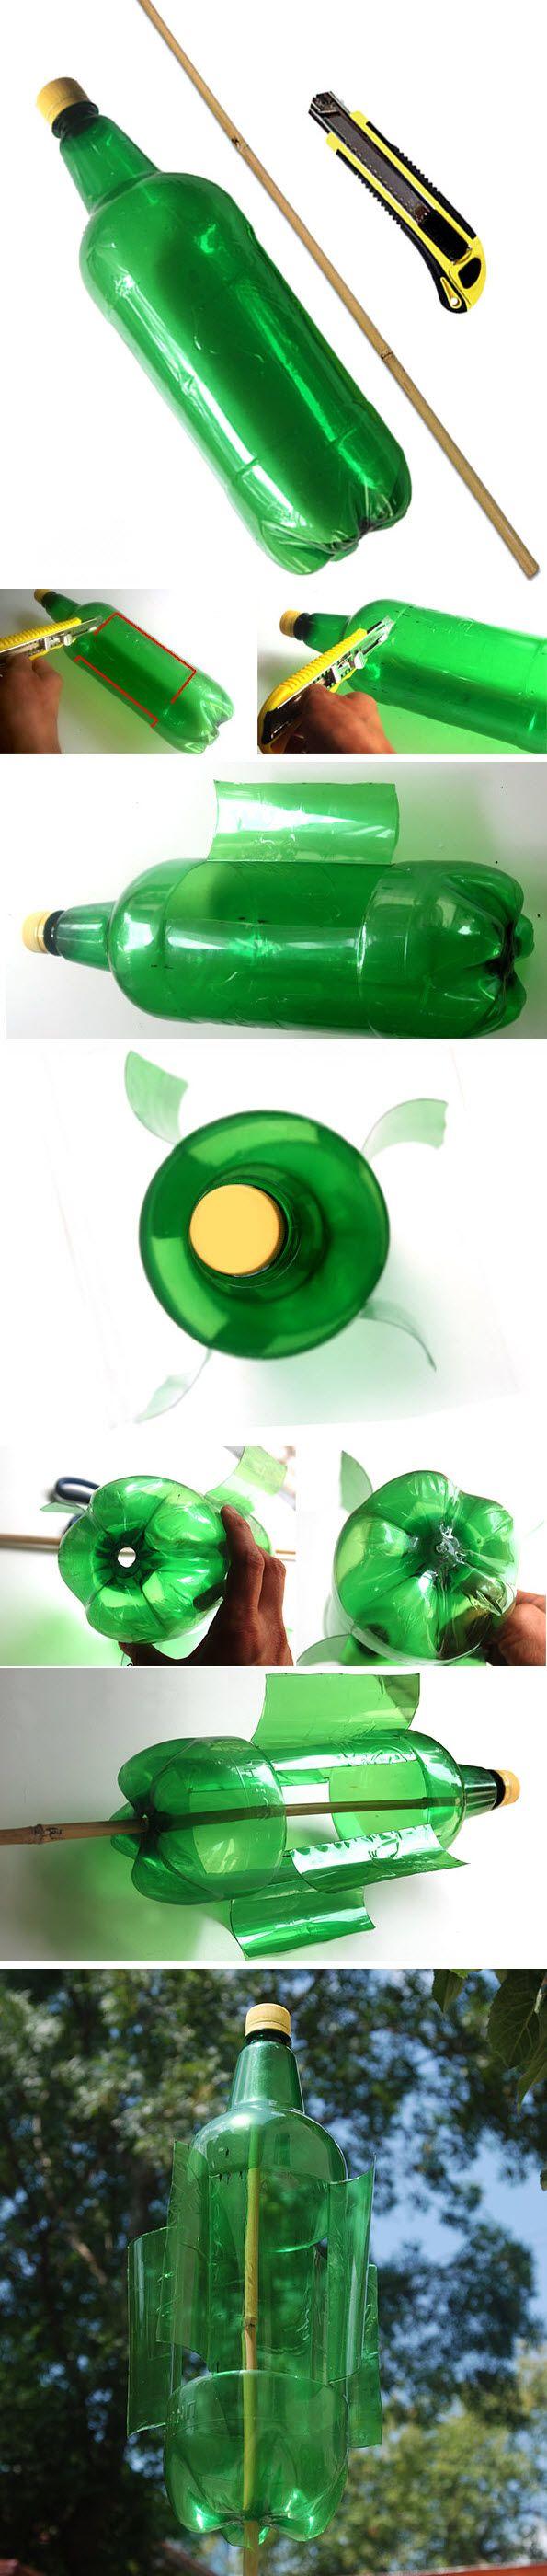 fabriquer un moulin a vent bouteille